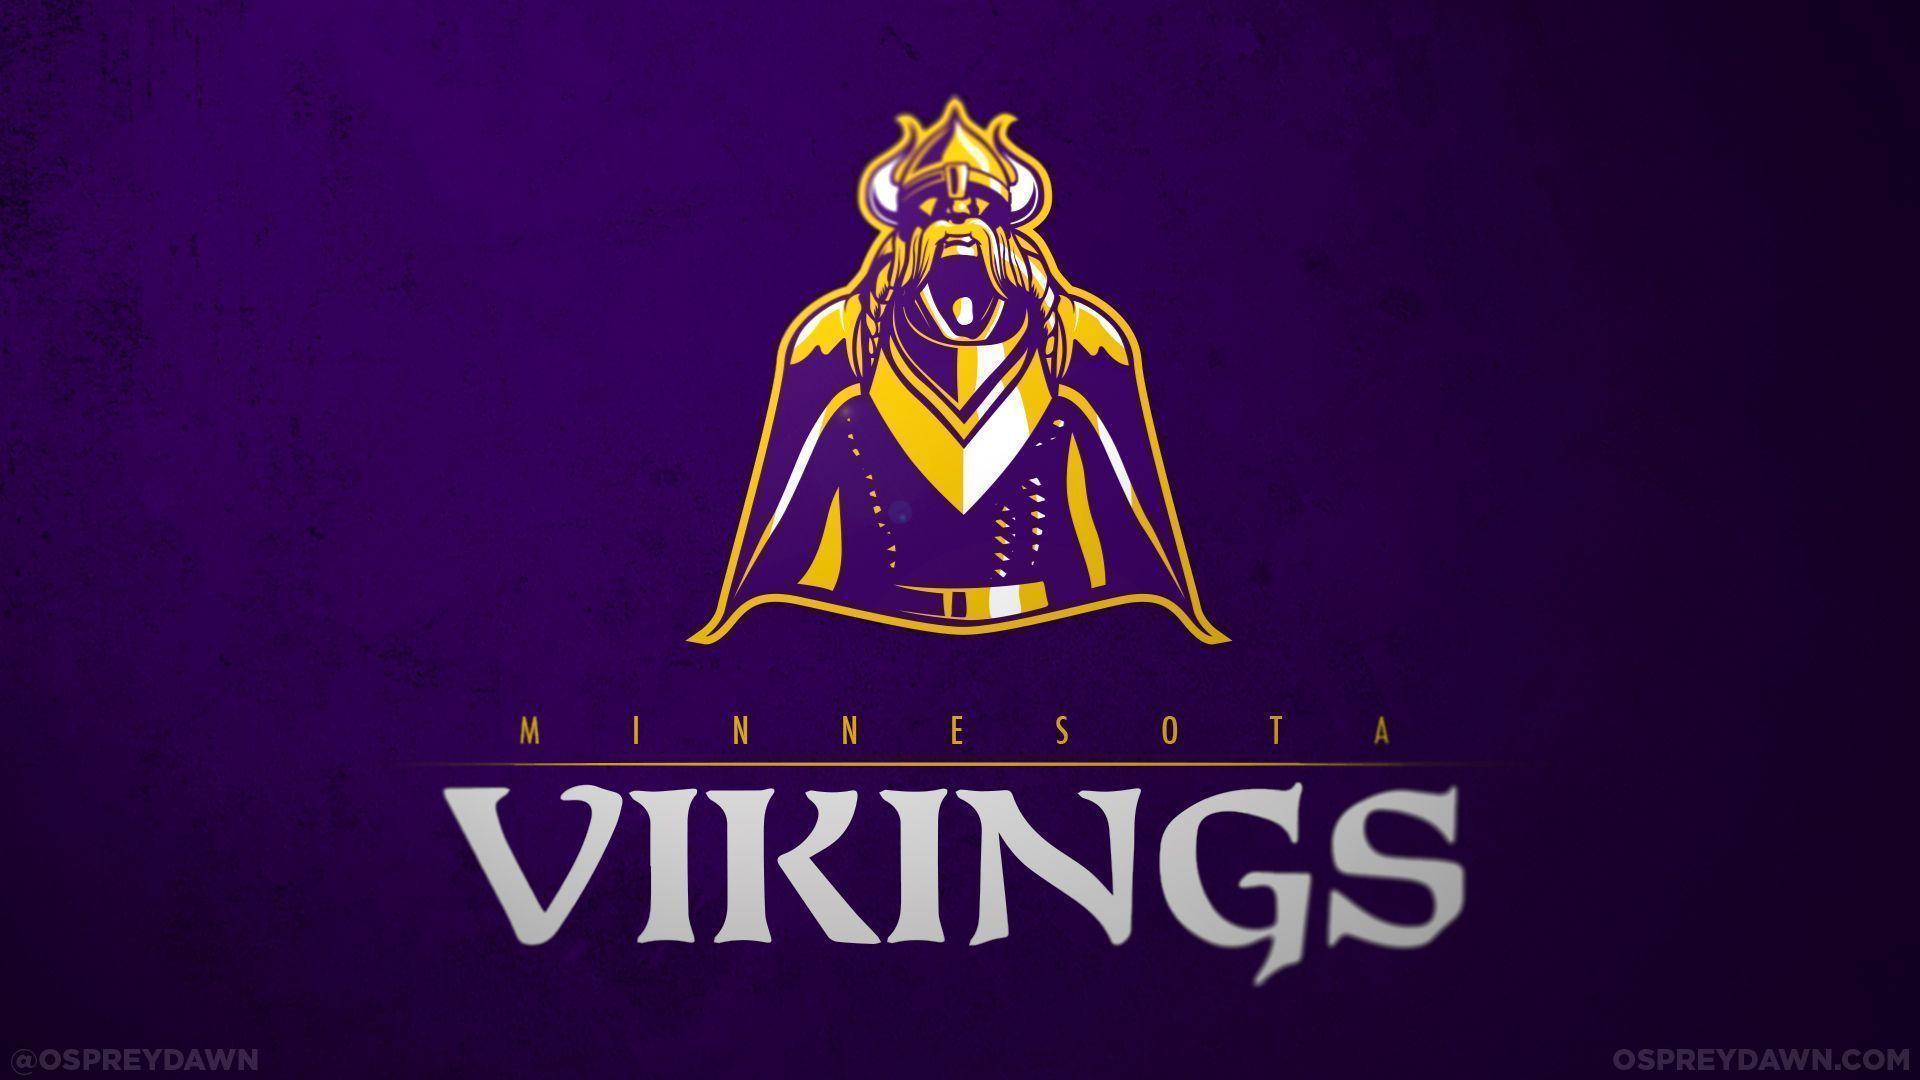 mn vikings wallpaper free